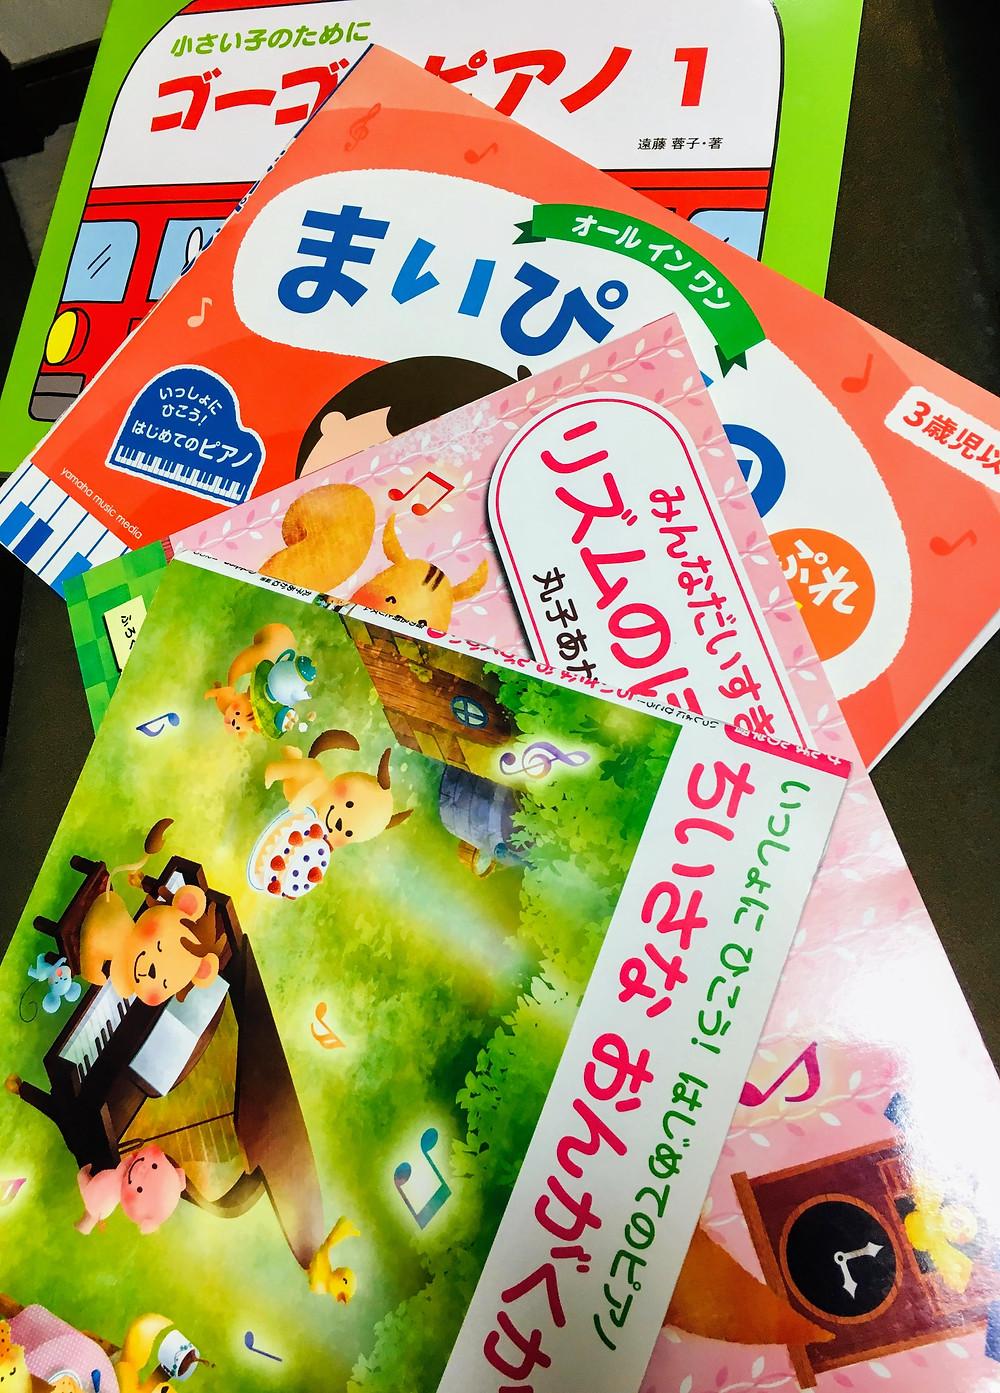 小さい生徒さんのためのコース~眺めているだけでも可愛らしく微笑ましい各種教材を使用します。